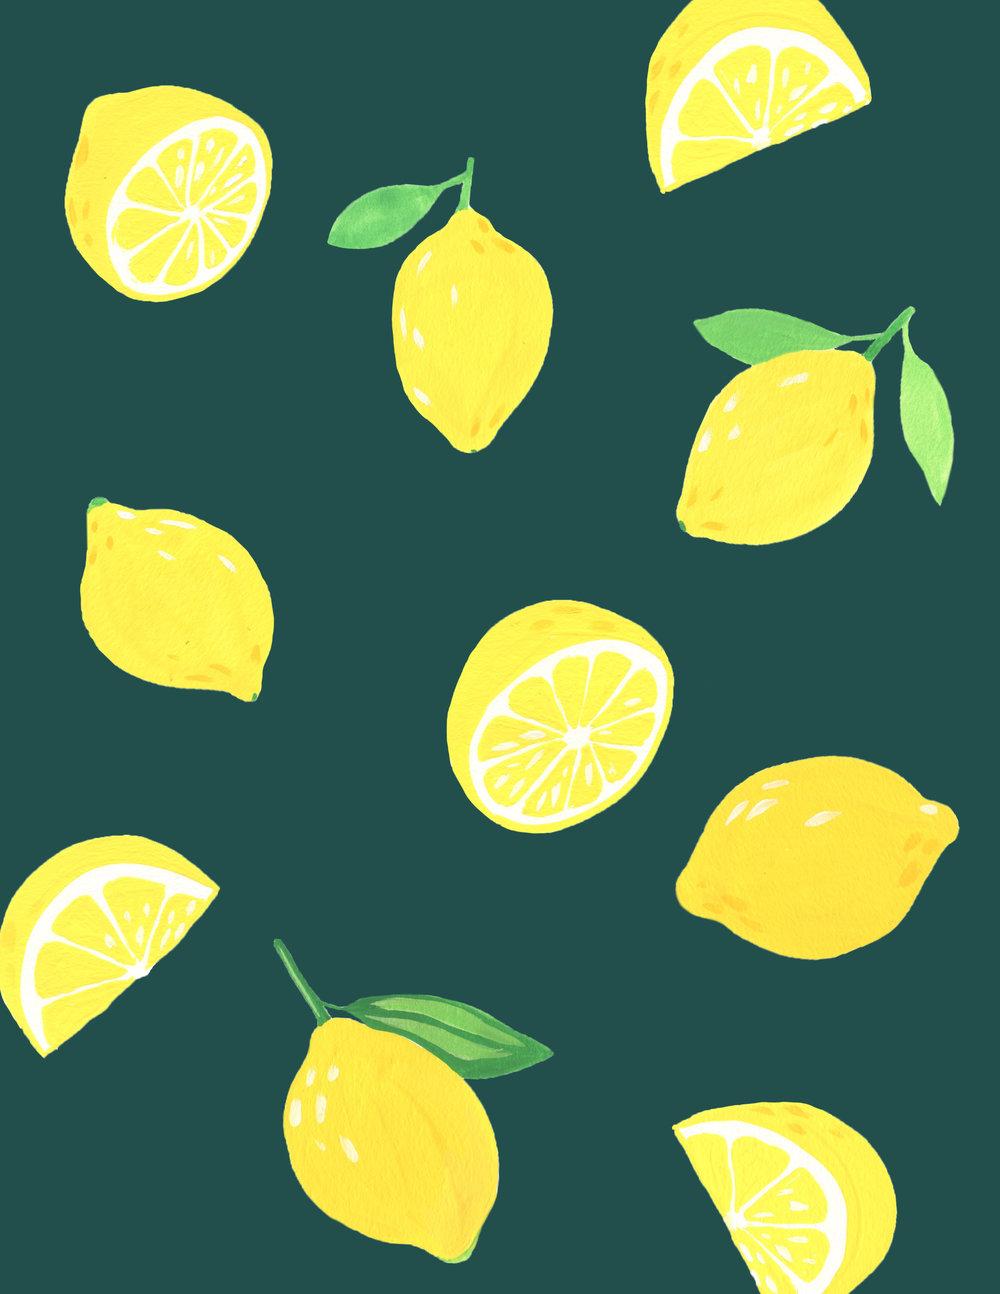 Cellrare-lemons.jpg